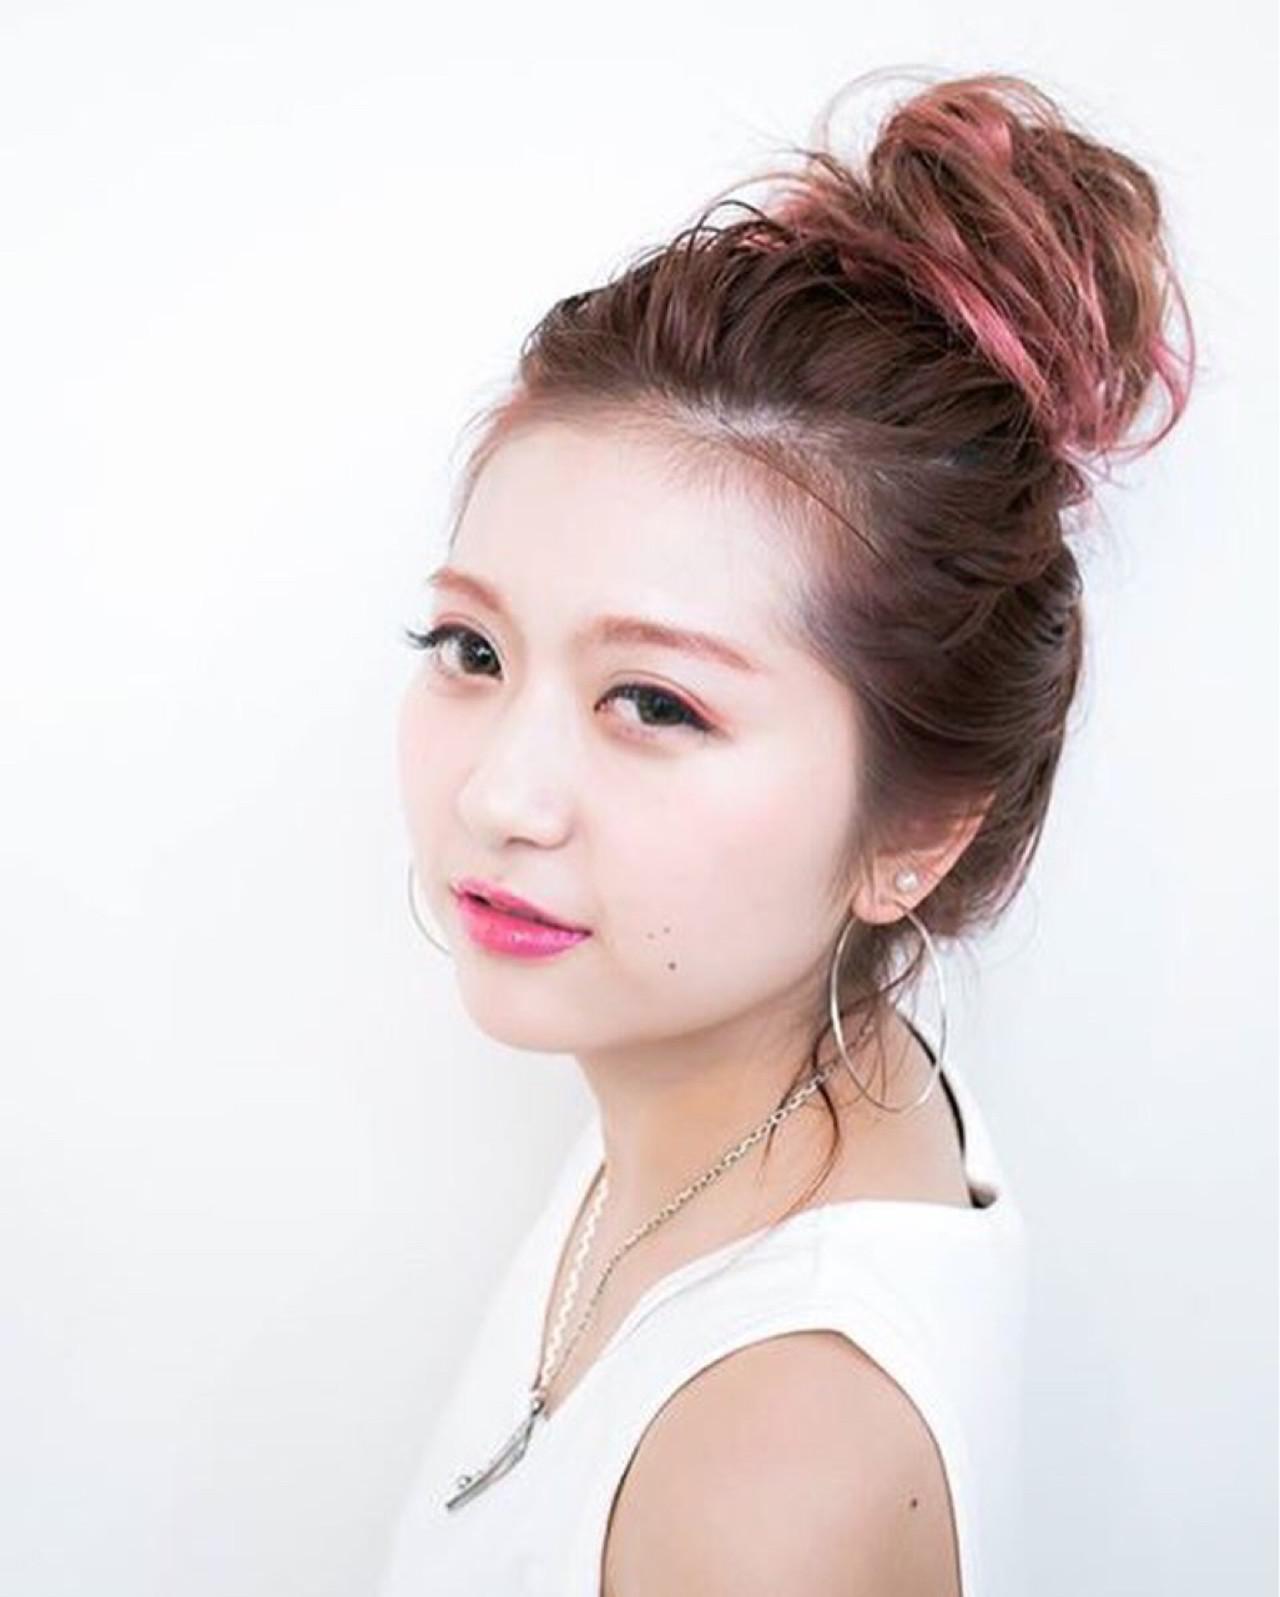 ヘアアレンジ ロング お団子 夏 ヘアスタイルや髪型の写真・画像